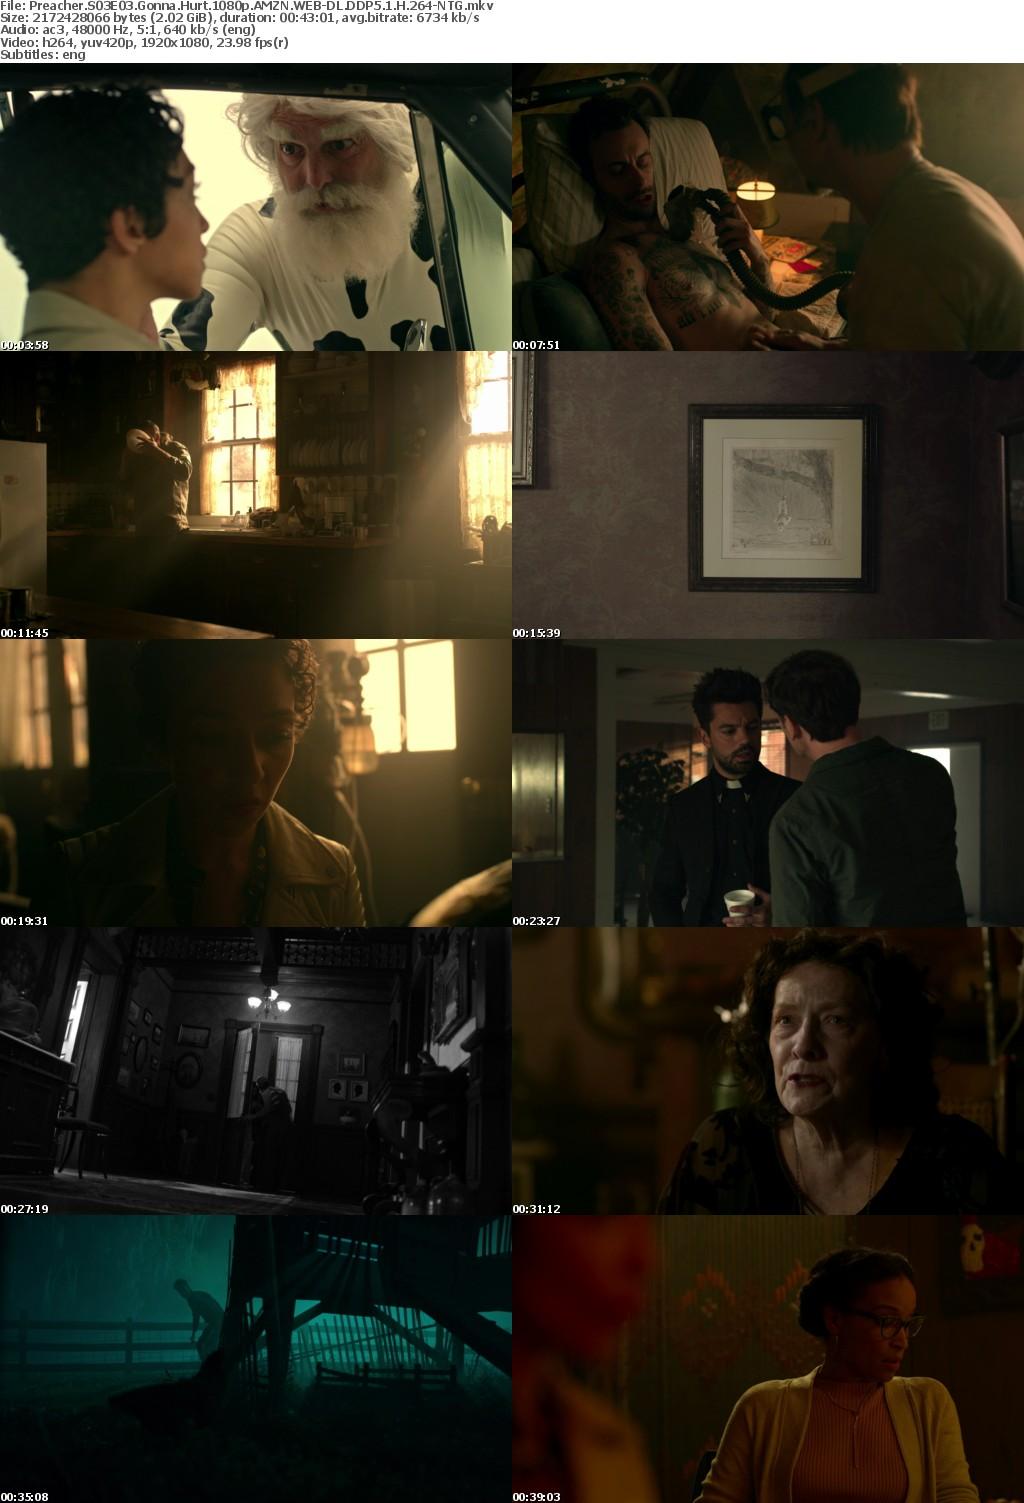 www scenetime - Preacher S03E03 Gonna Hurt 1080p AMZN WEB-DL DDP5 1 H 264-NTG